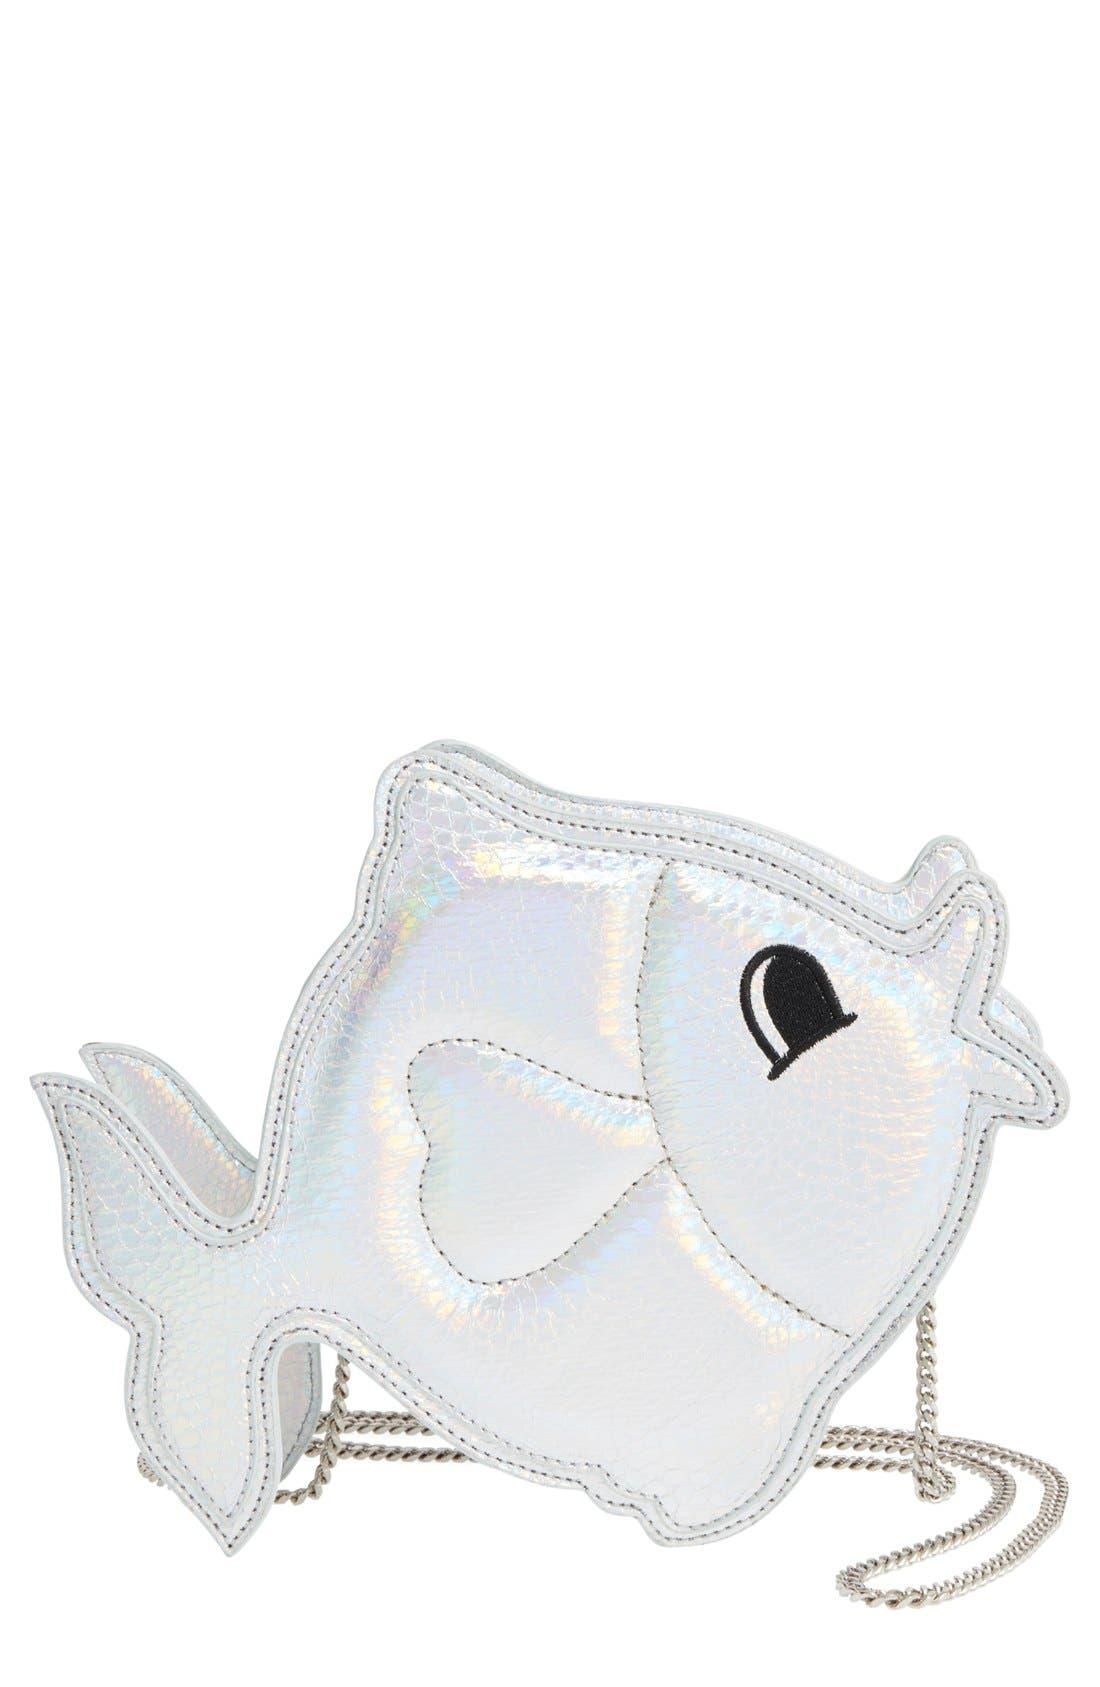 Main Image - Nila Anthony 'Fish' Metallic Faux Leather Crossbody Bag